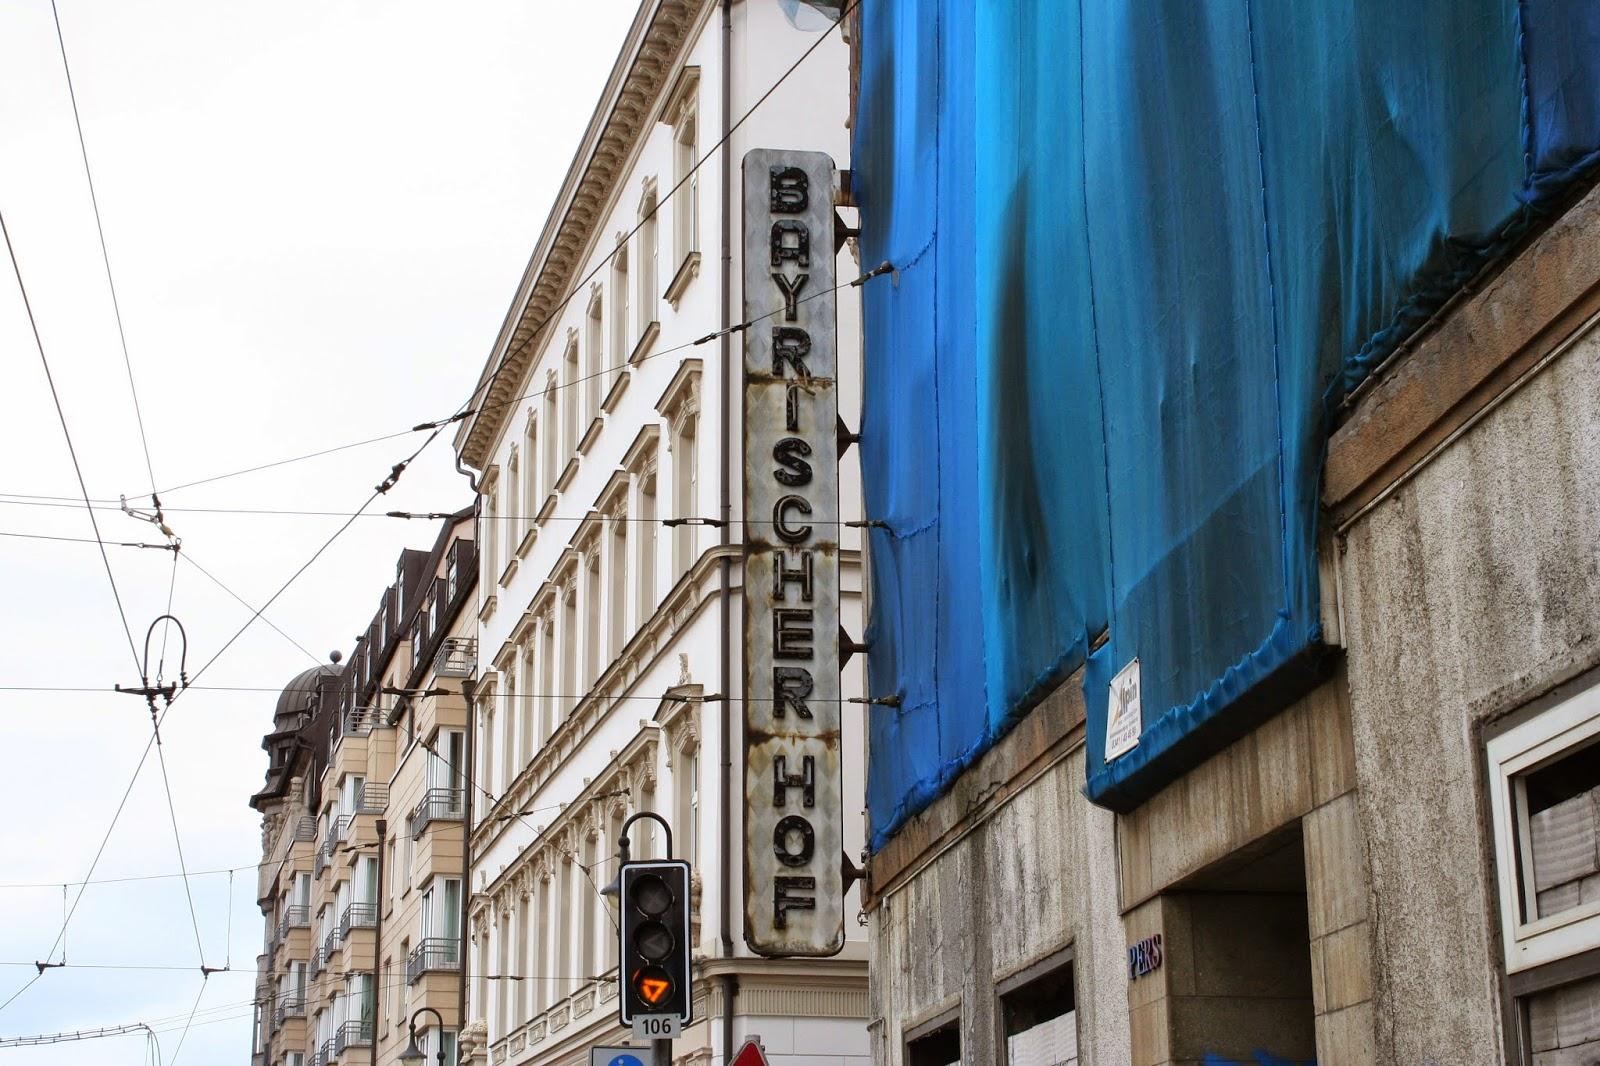 """Die Aussenwerbung mit der Aufschrift """"Bayrischer Hof"""" ist noch am Haus vorhanden"""